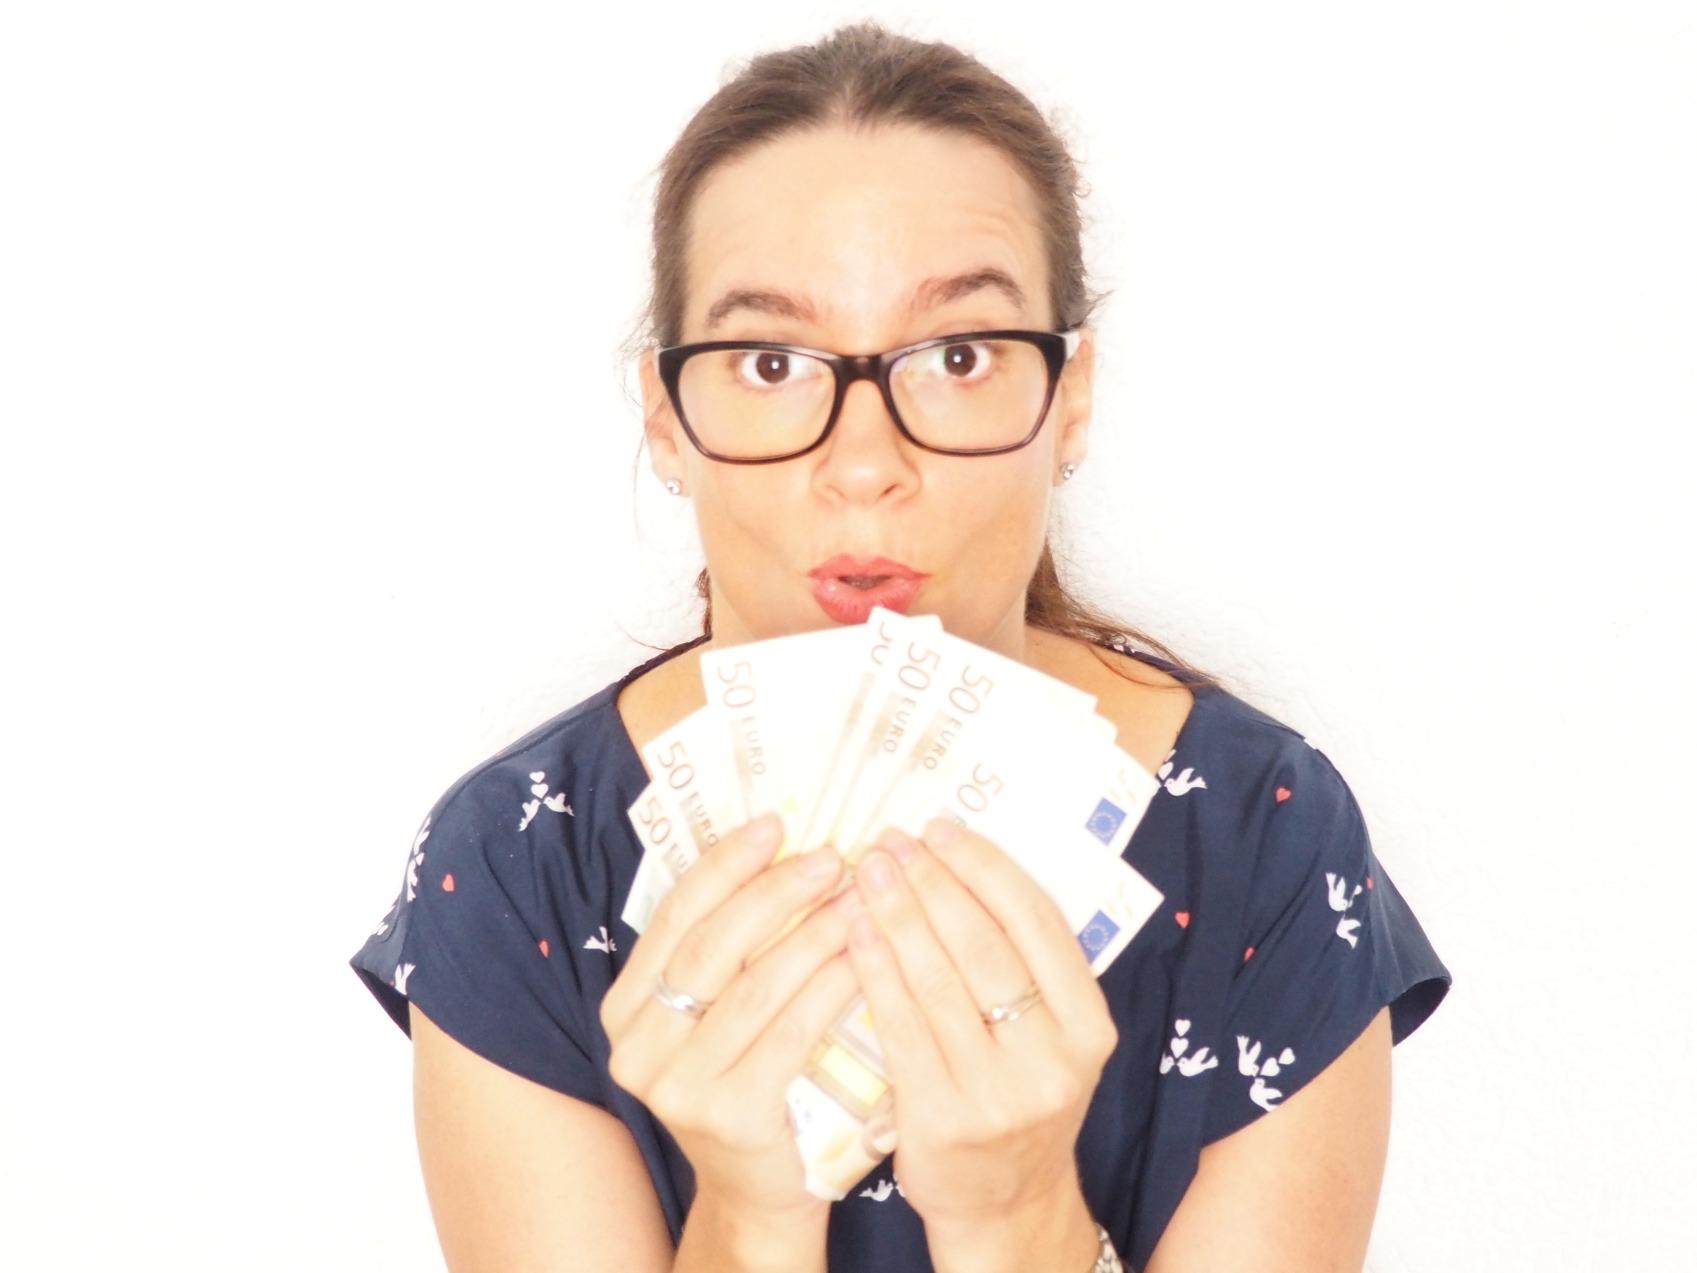 Warum kosten singlebörsen geld